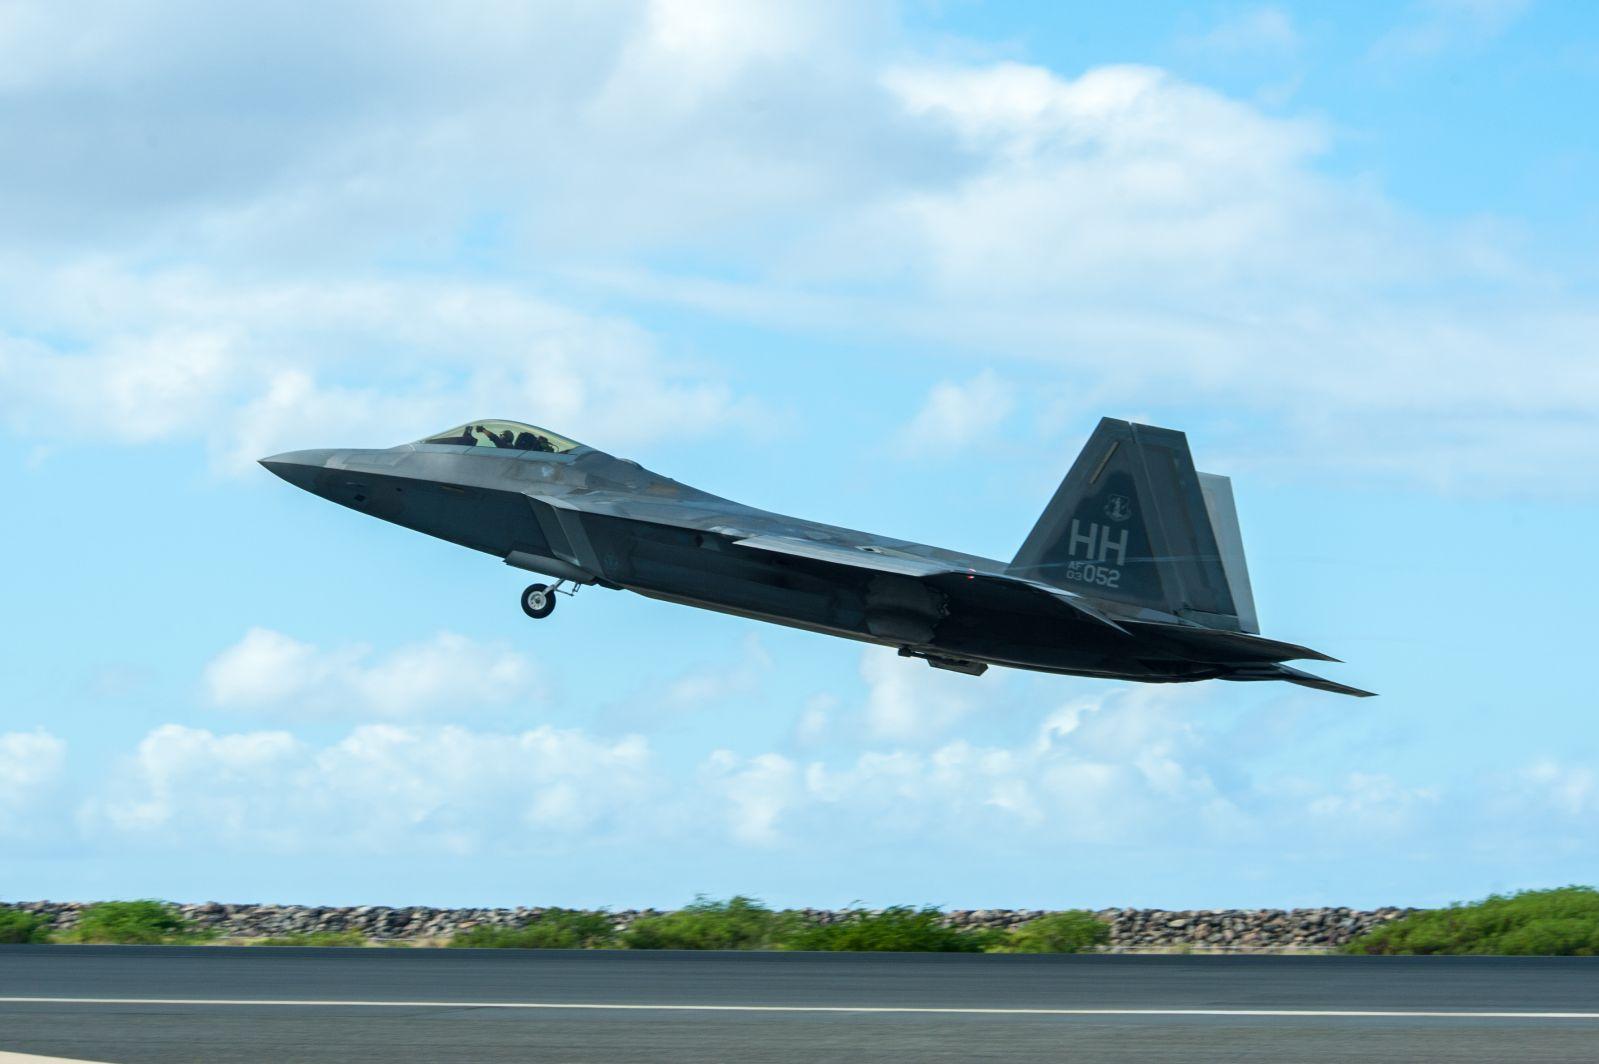 Sentry Aloha – най-голямото извън континенталната част на САЩ авиационно учение